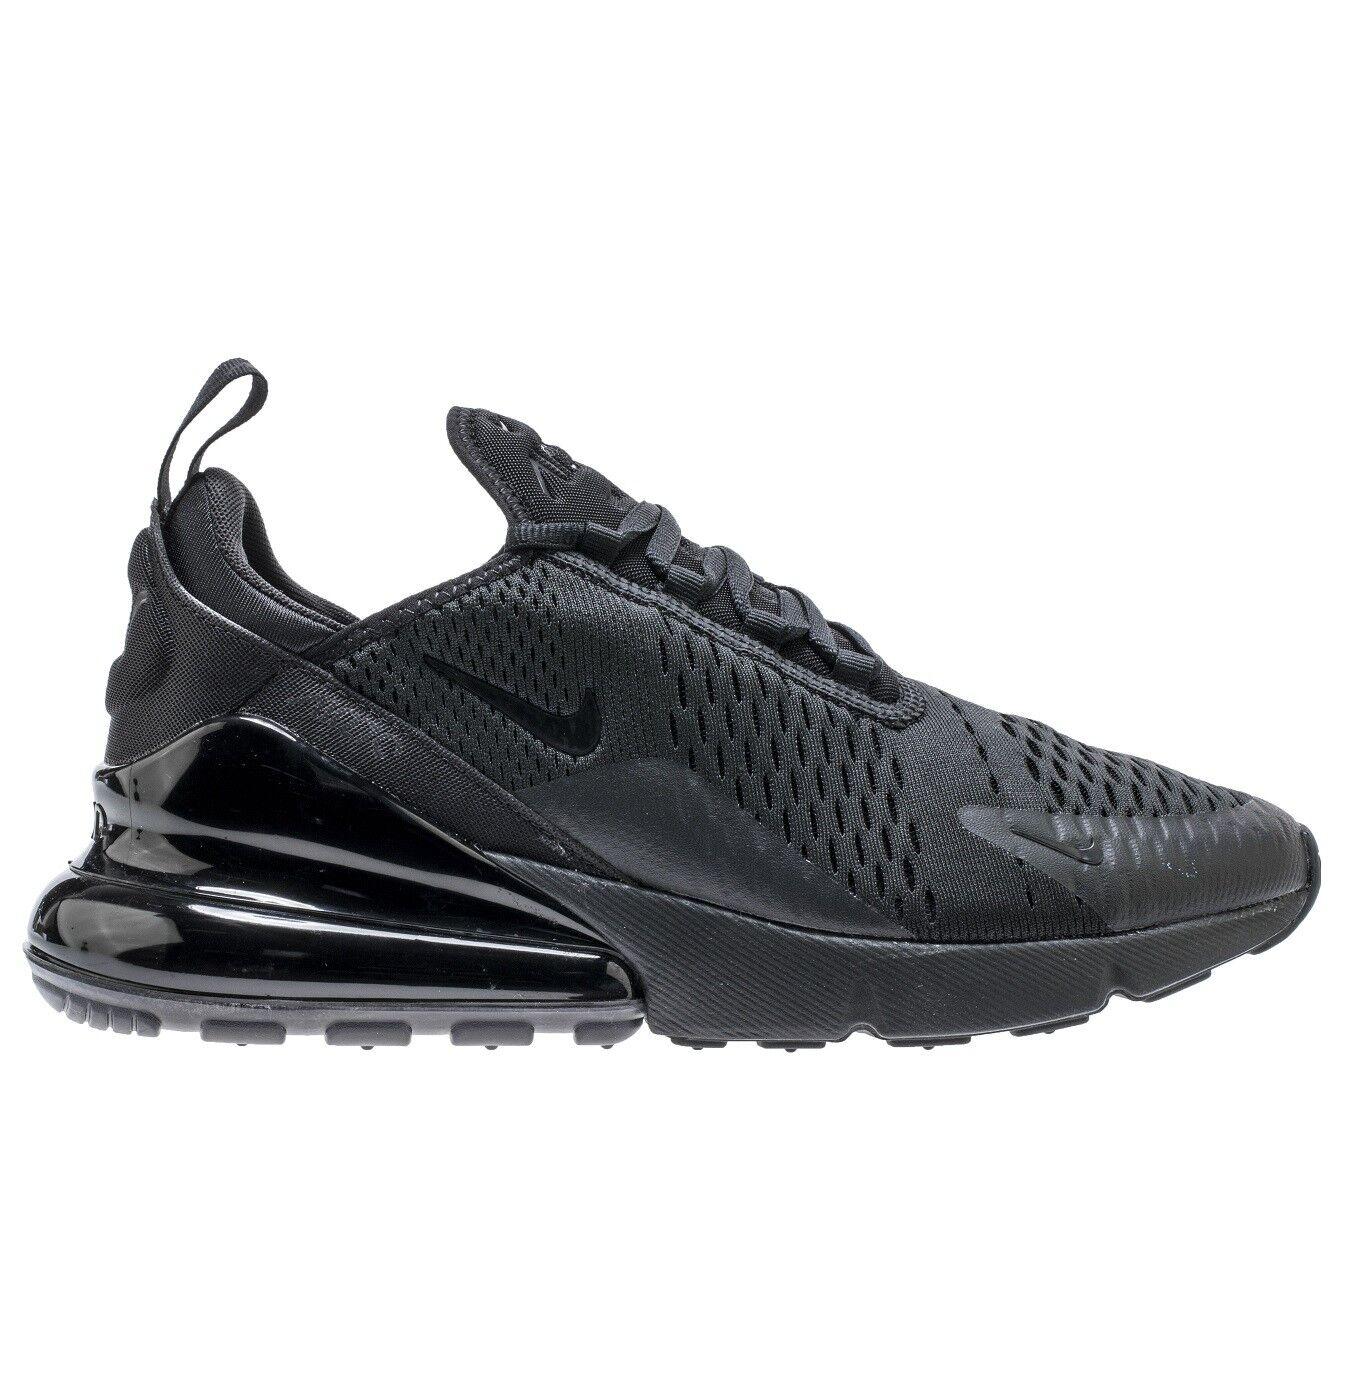 Nike air max 270 uomini ah8050-005 triple nero maglie maglia scarpe taglia 9